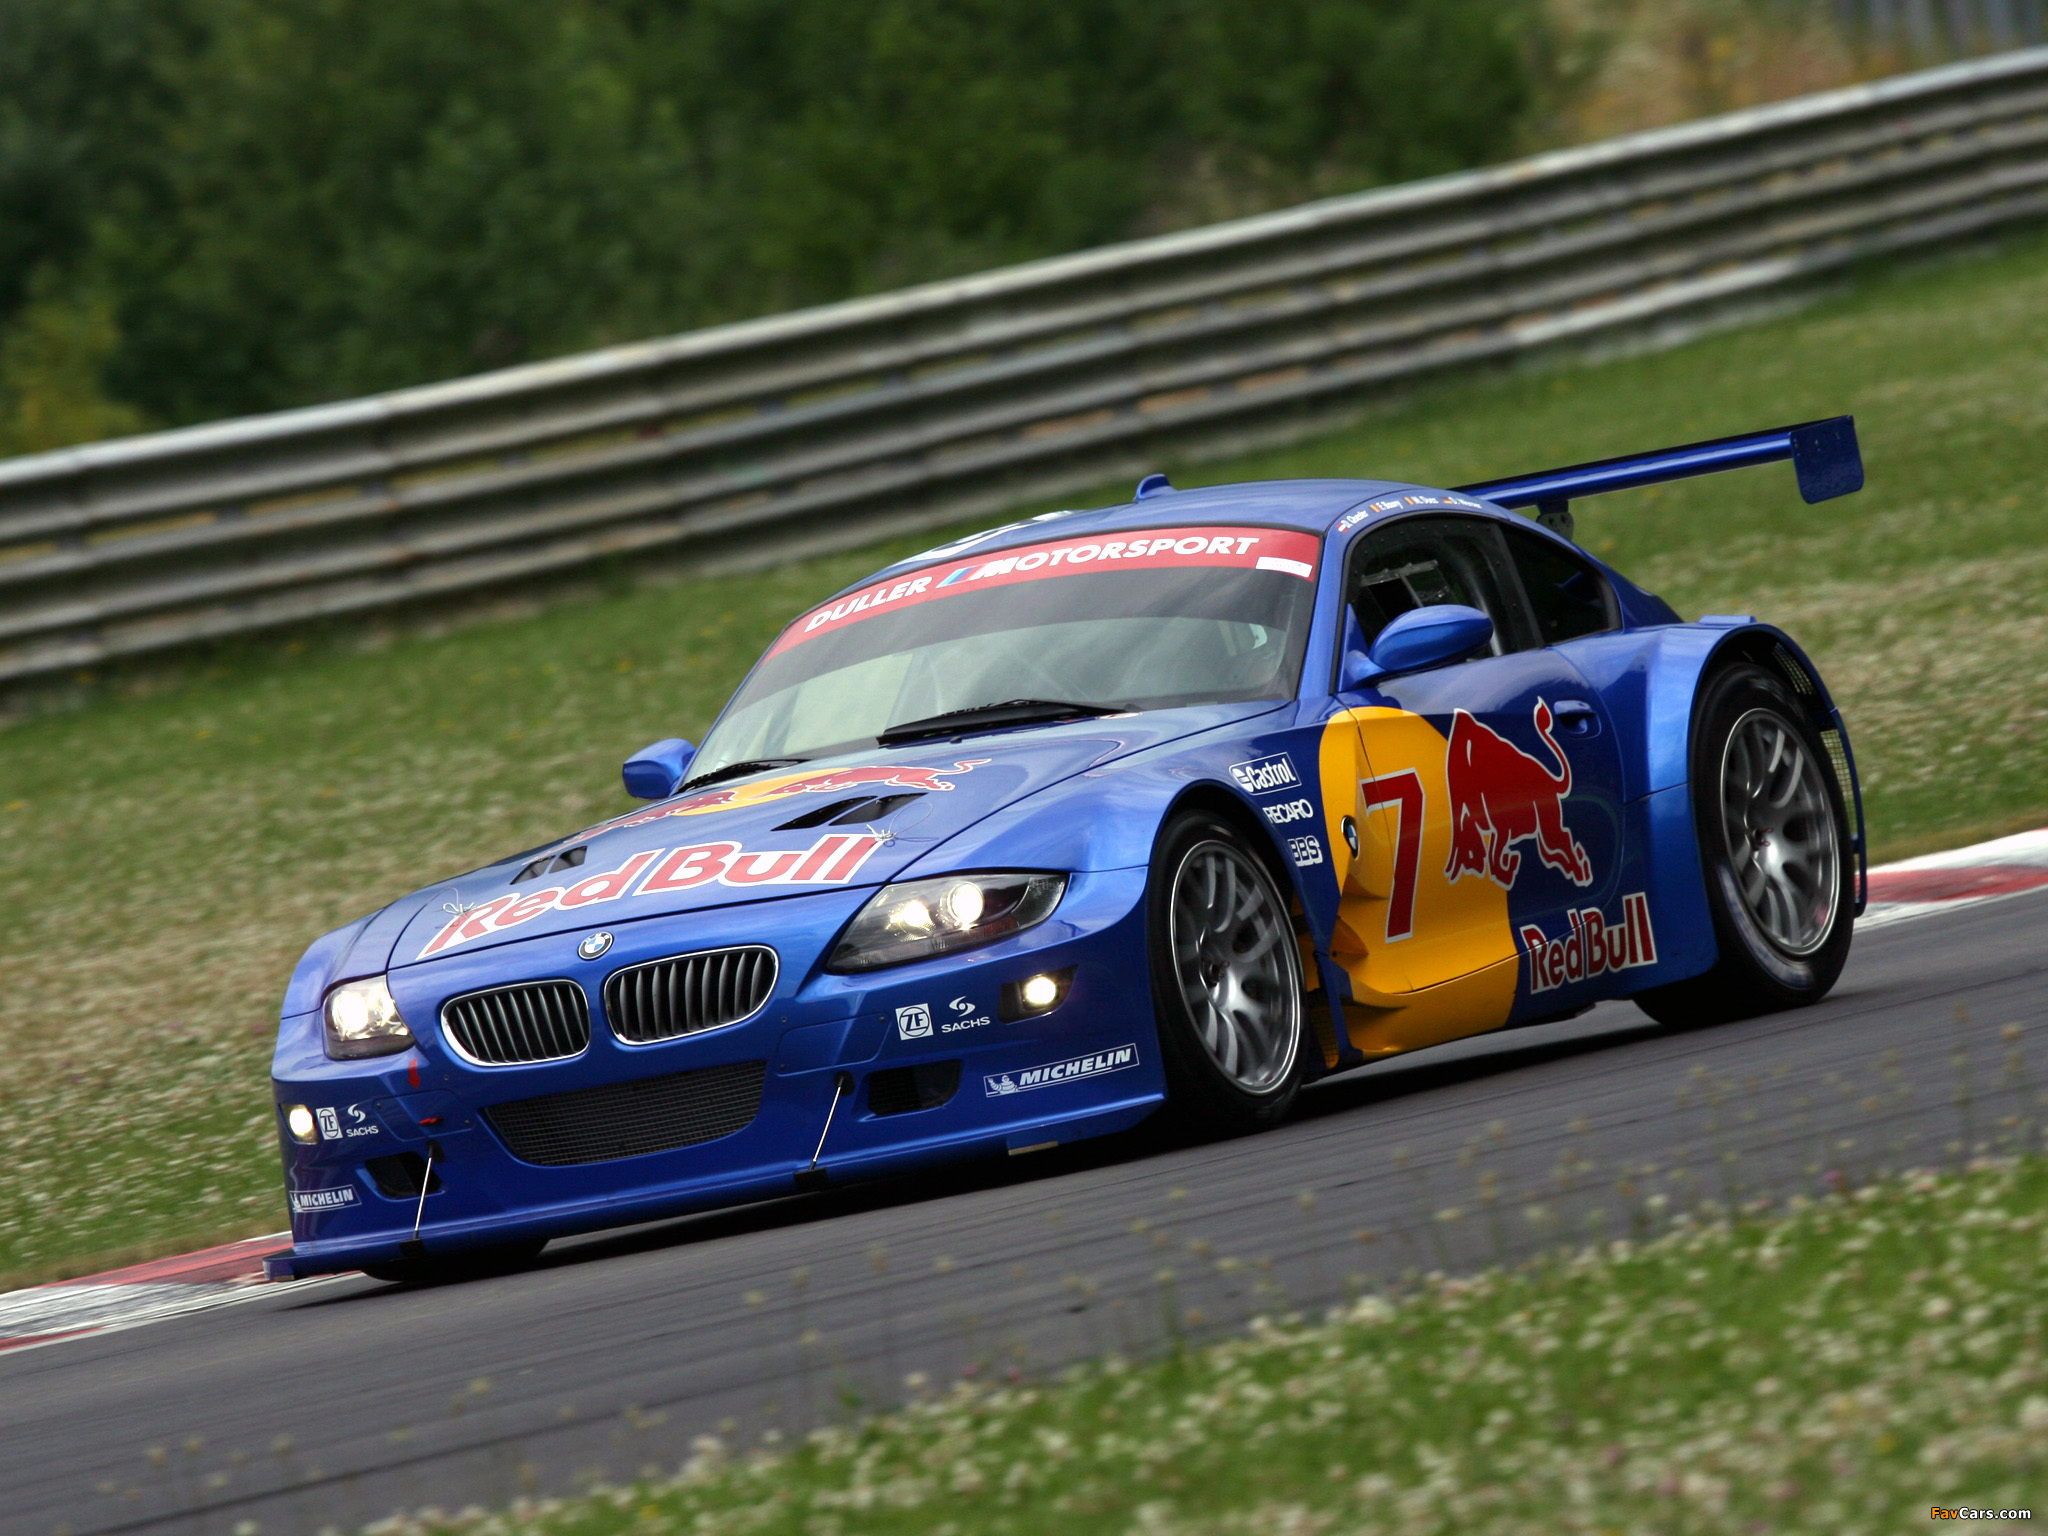 Bmw Z4 M Coupe Race Car E85 2006 09 Images 2048x1536